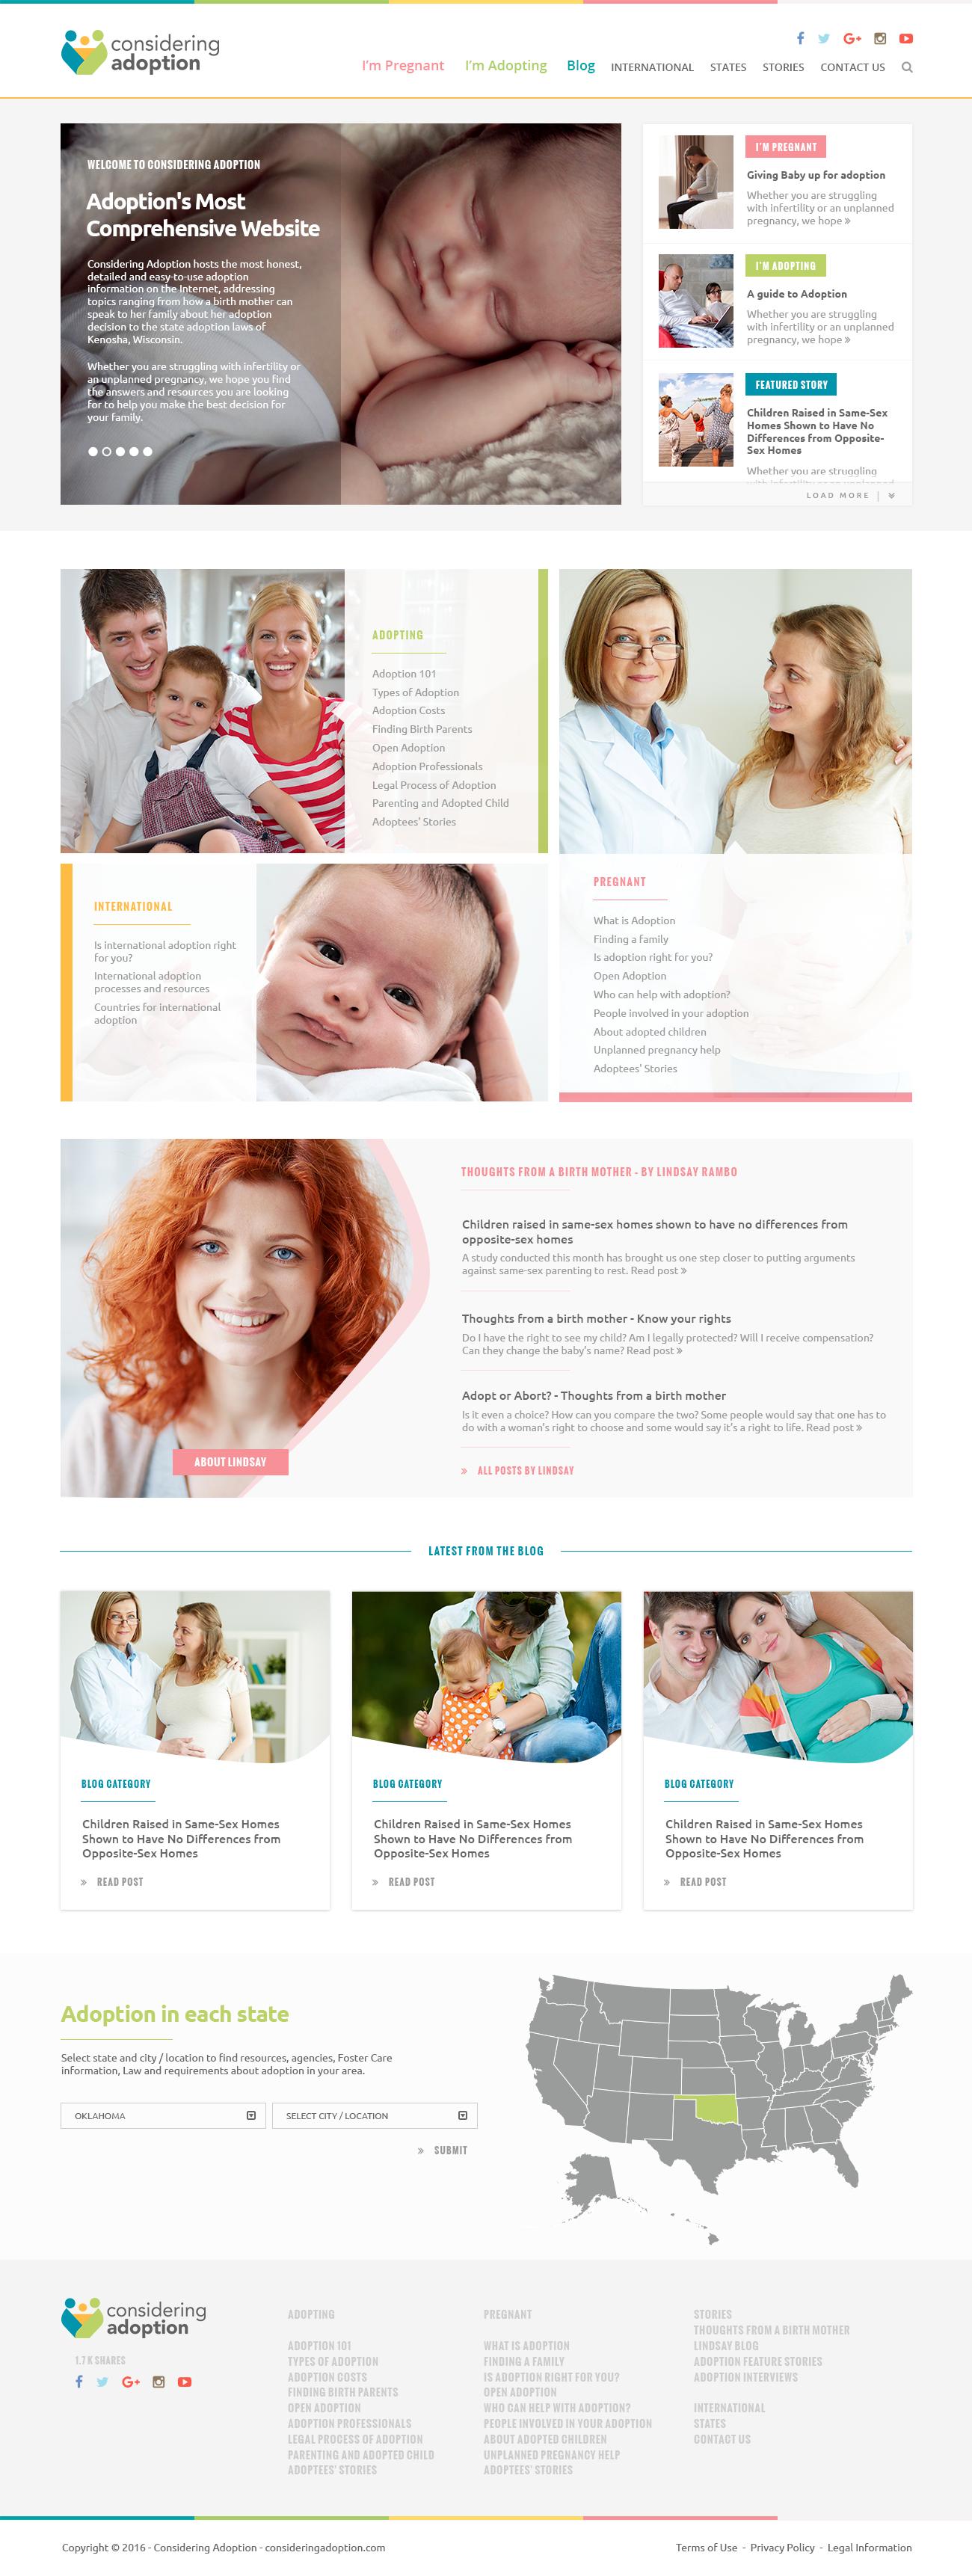 A+ Adoption Content Needs A+ Website Redesign